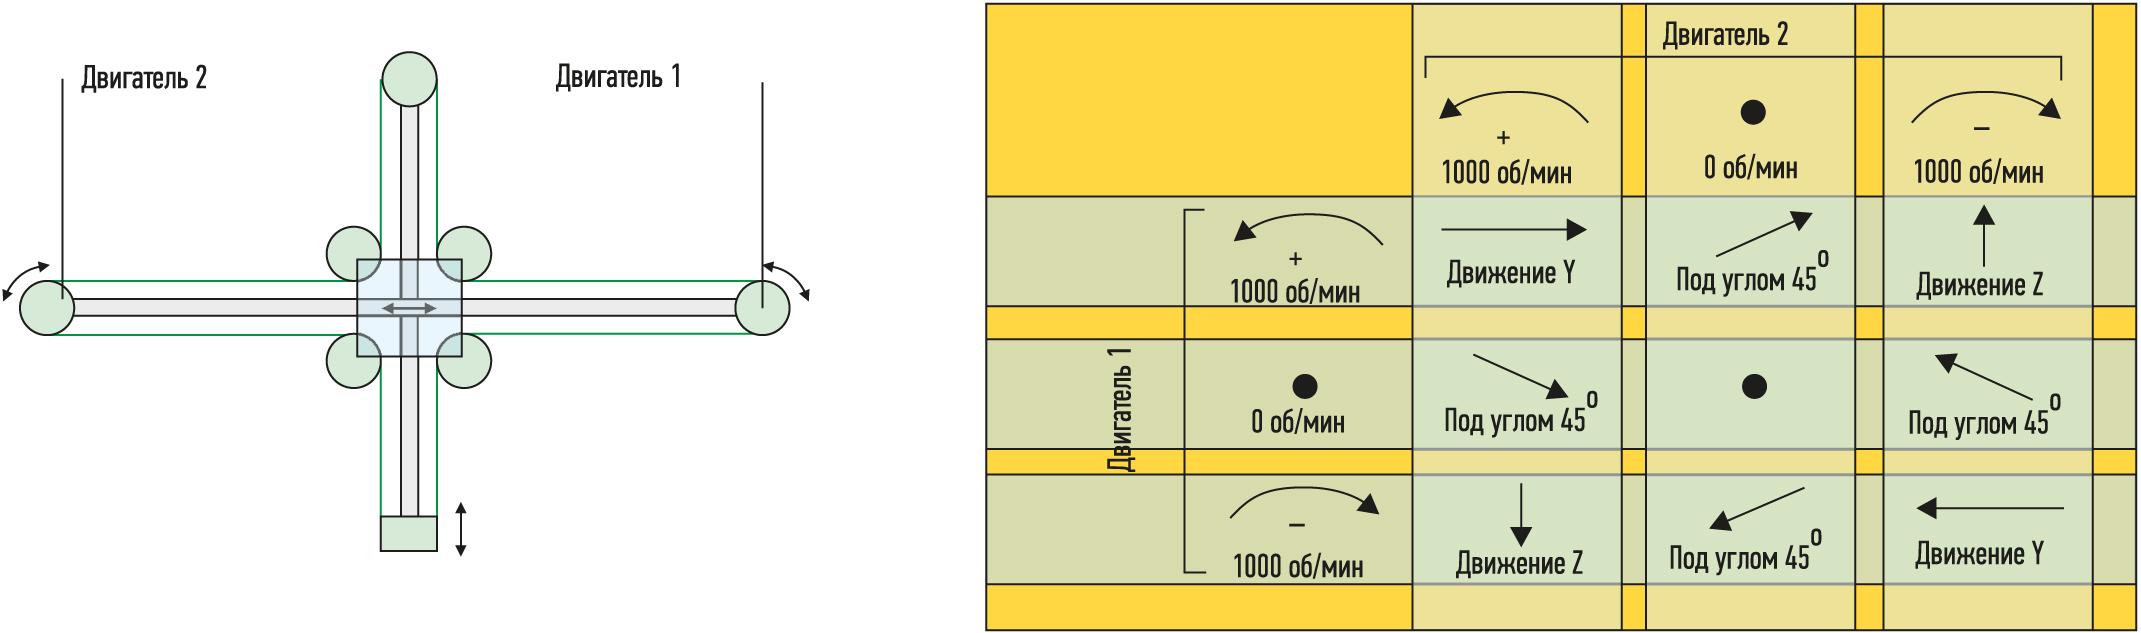 Принцип действия Т-портала